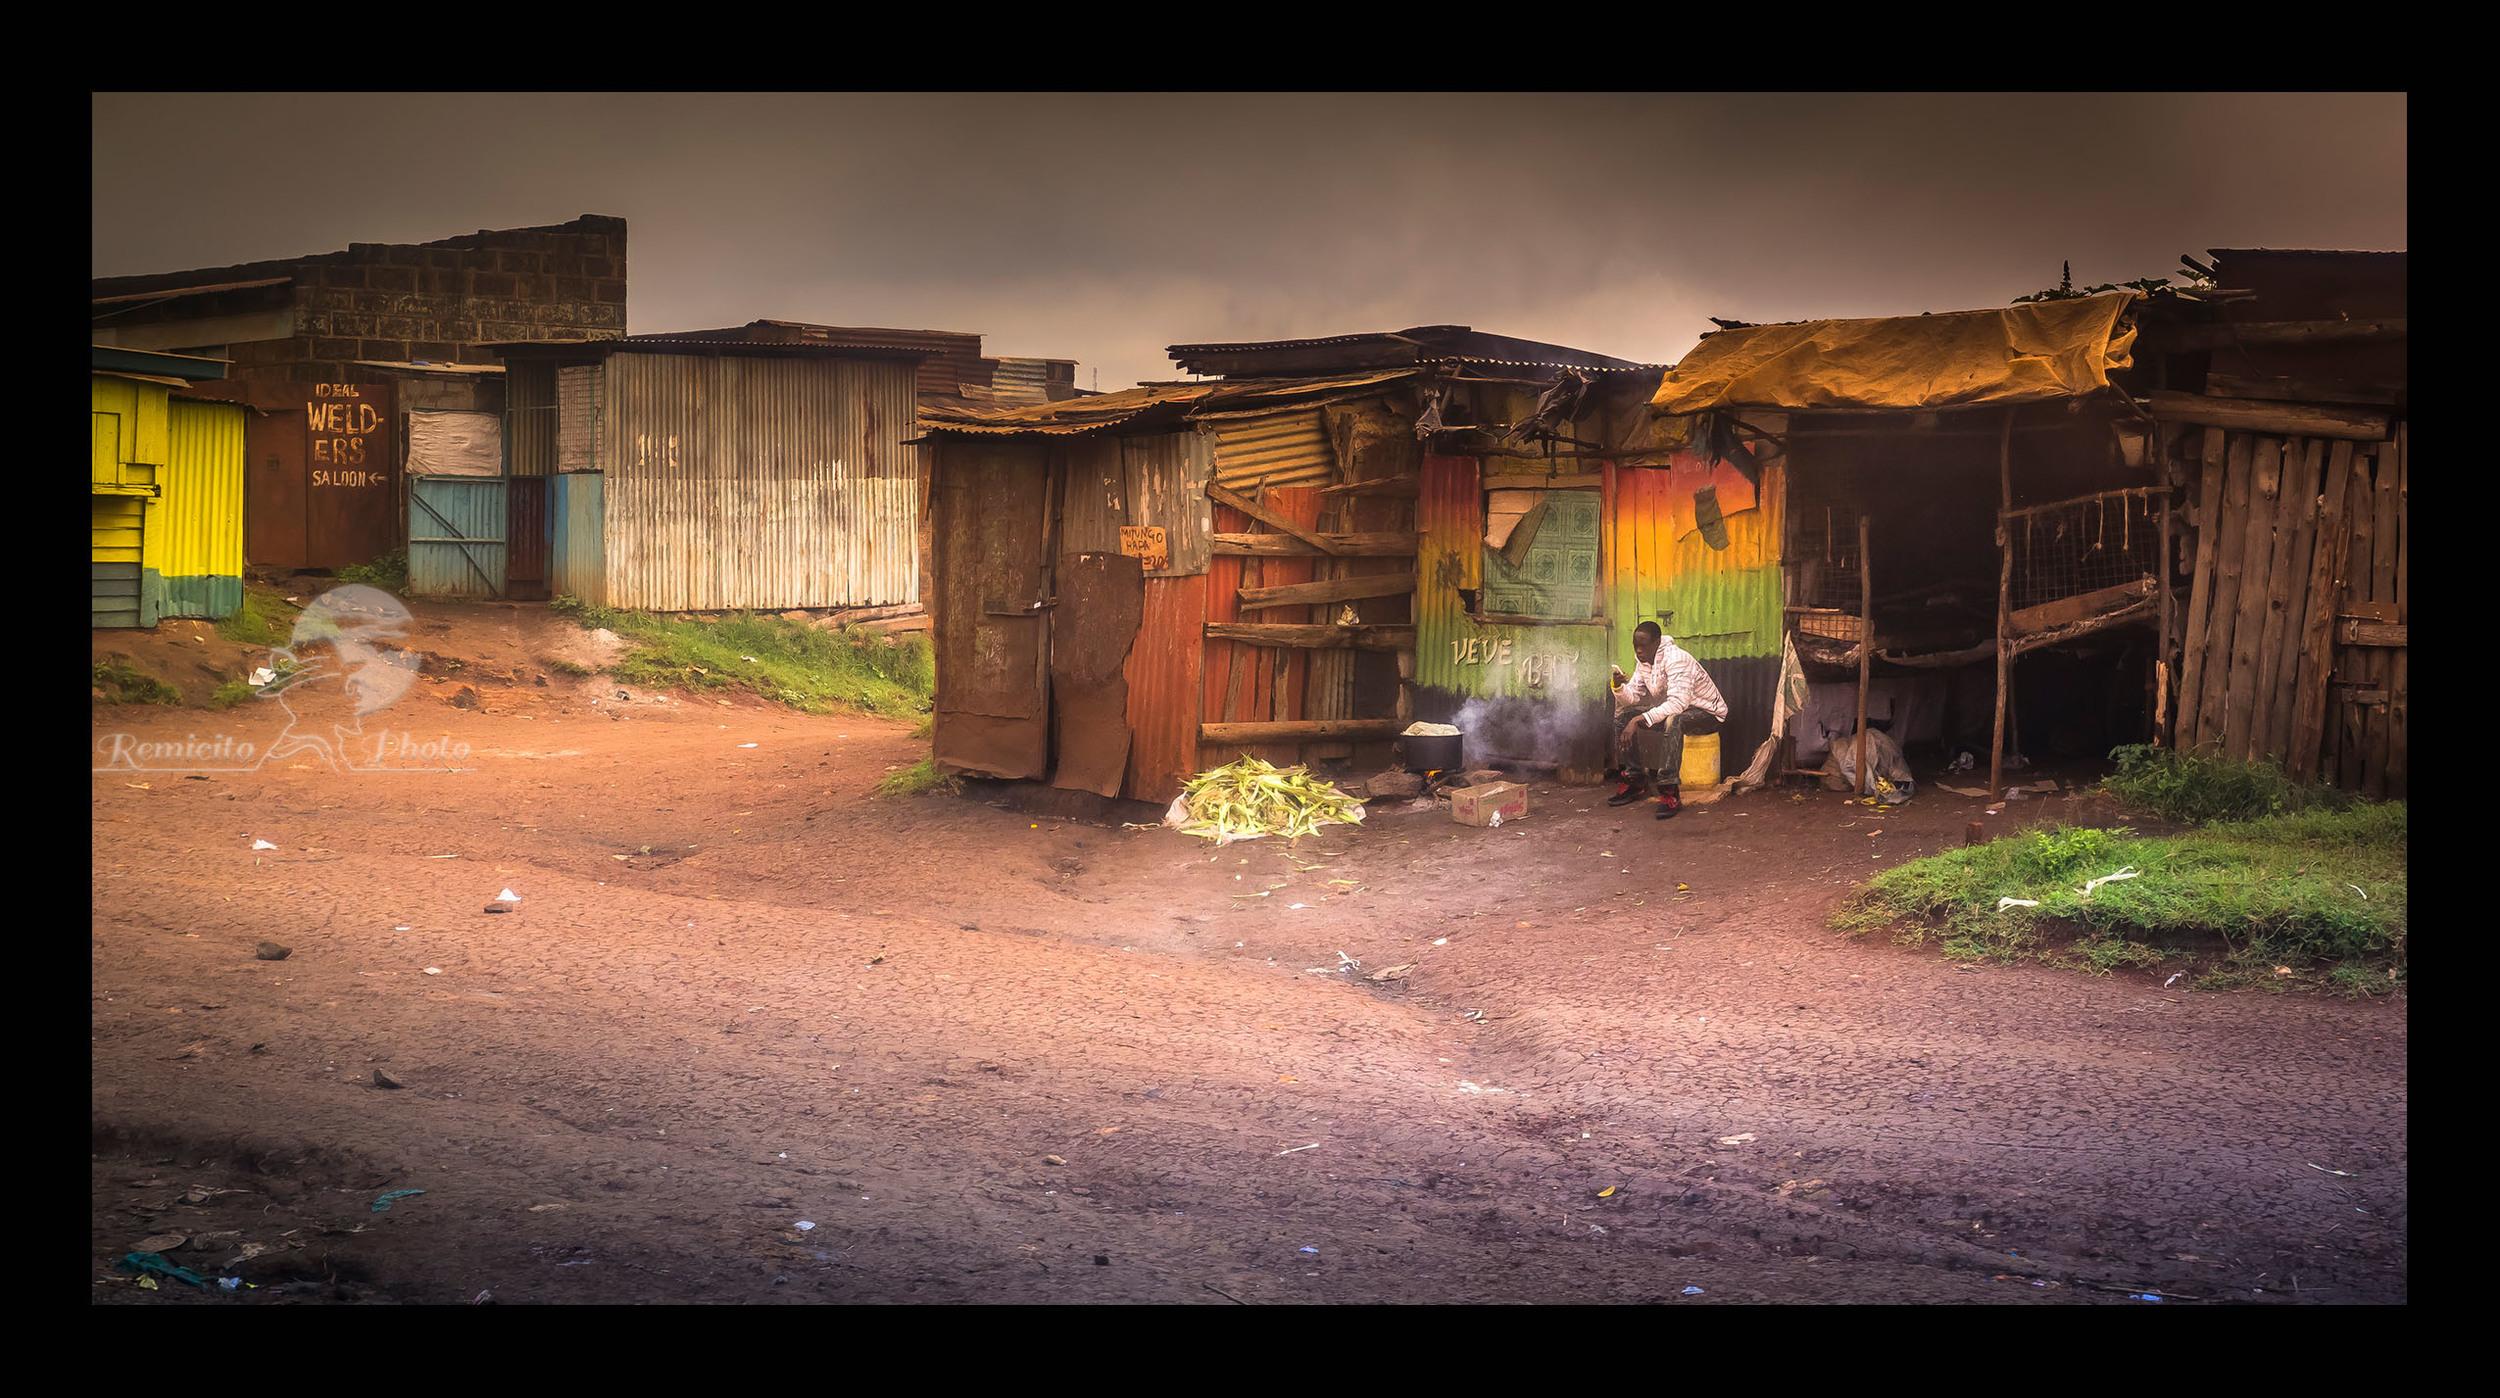 remicito photo 21-07-2016, July 21, 21st July, 21 Juillet, 21 de Julio, photo kenya, photo afrique, photo safari afrique, photo safari kenya, photo safari tanzanie, photo afrique couleur, photo couleur kenya, photo couleur tanzanie, photo couleur voyage afrique, photo voyage afrique, photo voyage kenya, photo voyage tanzanie, photo ville afrique, photo ville kenya, Photo ville tanzanie, belle photo afrique, acheter photo afrique, tirage photo afrique, acheter photo kenya, acheter photo tanzanie, tirage photo safari, jolie photo afrique, offrir photo afrique, acheter photo magnifique, photo couleur paysage urbain,  City Africa, Colors of Africa, color africa, color africa photo, kenya photograph, kenya city photo, tanzania photograph, kenya city photographs, tanzania city Photo, best africa shot, best africa photo, best travel shot, best trip photo, best travel photograph, buy photo africa, africa gift photo, Africa gift photo, buy Africa photo, buy africa Kenya photo,  Foto Africa, foto africa regalo, comprar foto africa, offrecer foto africa, africa maravilla, africa linda, foto color, foto kenya, foto tanzania, ciudad africa, ciudad kenya foto, gente Kenya, ciudad Tanzania foto,  color photo, color photography, photo décoration mur, photo décoration chambre, photo décoration toilettes, cadeau décoration, idée cadeau décoration, idée cadeau pour lui, idée cadeau pour elle, idée cadeau photo mariage, idée cadeau photo nouvel appart, idée cadeau photo nouvel appartement, idée cadeau photo nouvelle maison, idée cadeau photo décoration, idée cadeau originale, idée cadeau fête des pères, idée cadeau fête des mères, idée cadeau naissance, idée cadeau anniversaire, idée cadeau anniversaire homme, idée cadeau anniversaire femme, idée cadeau noël, idée cadeau noel, idée cadeau grand-mère, idée cadeau grand-père, idée cadeau grands-parents, idée cadeau parents, idée cadeau enfants, idée cadeau adulte,  jolie photo,  offrir photo, offrir belle photo, offrir photo couleur, off